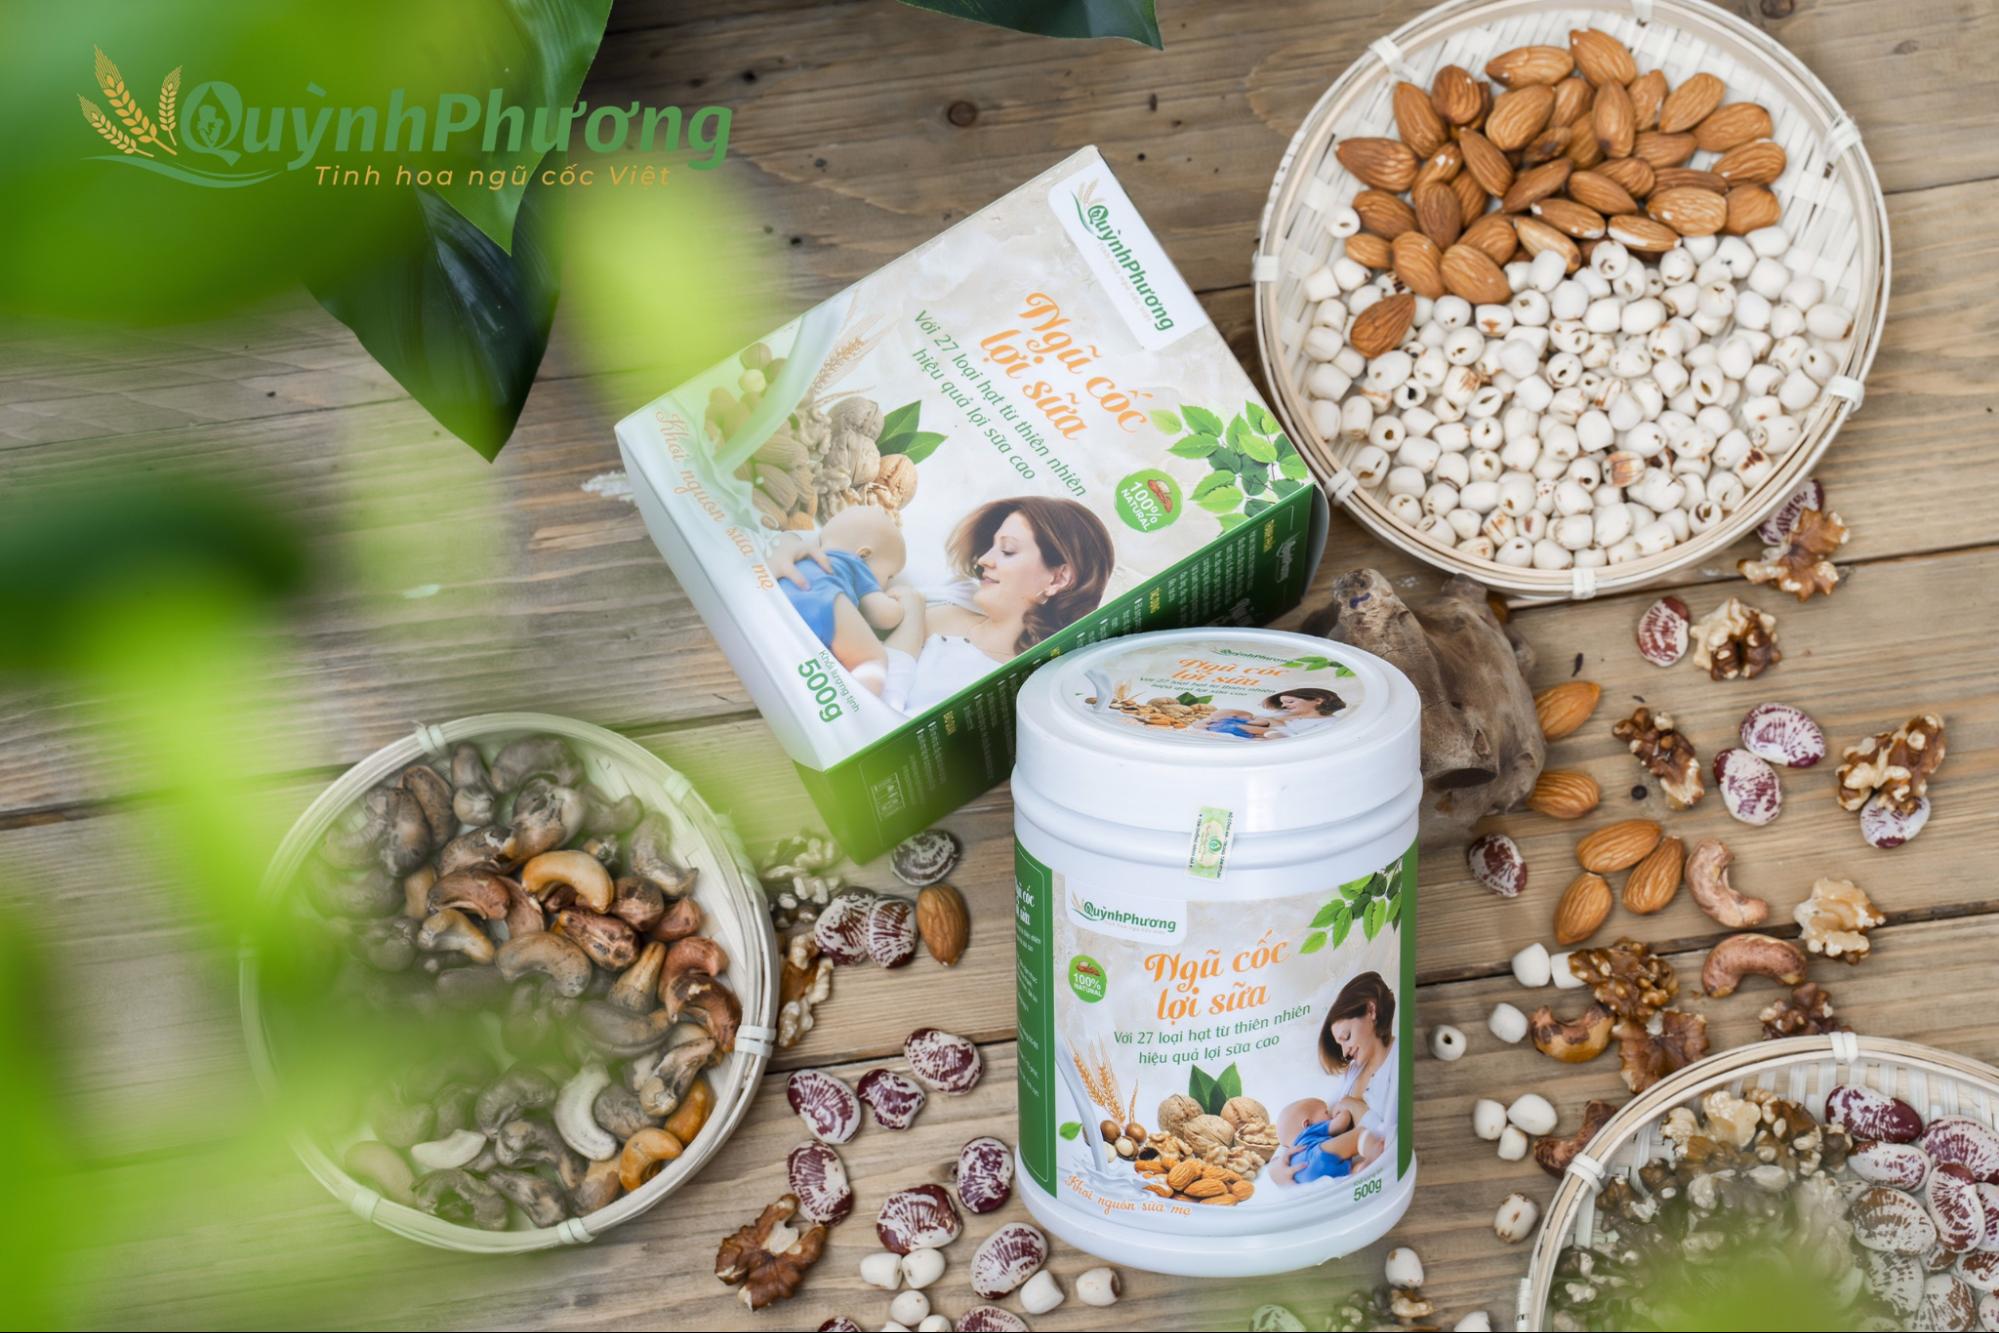 Công ty phân phối bột ngũ cốc lợi sữa đạt chuẩn